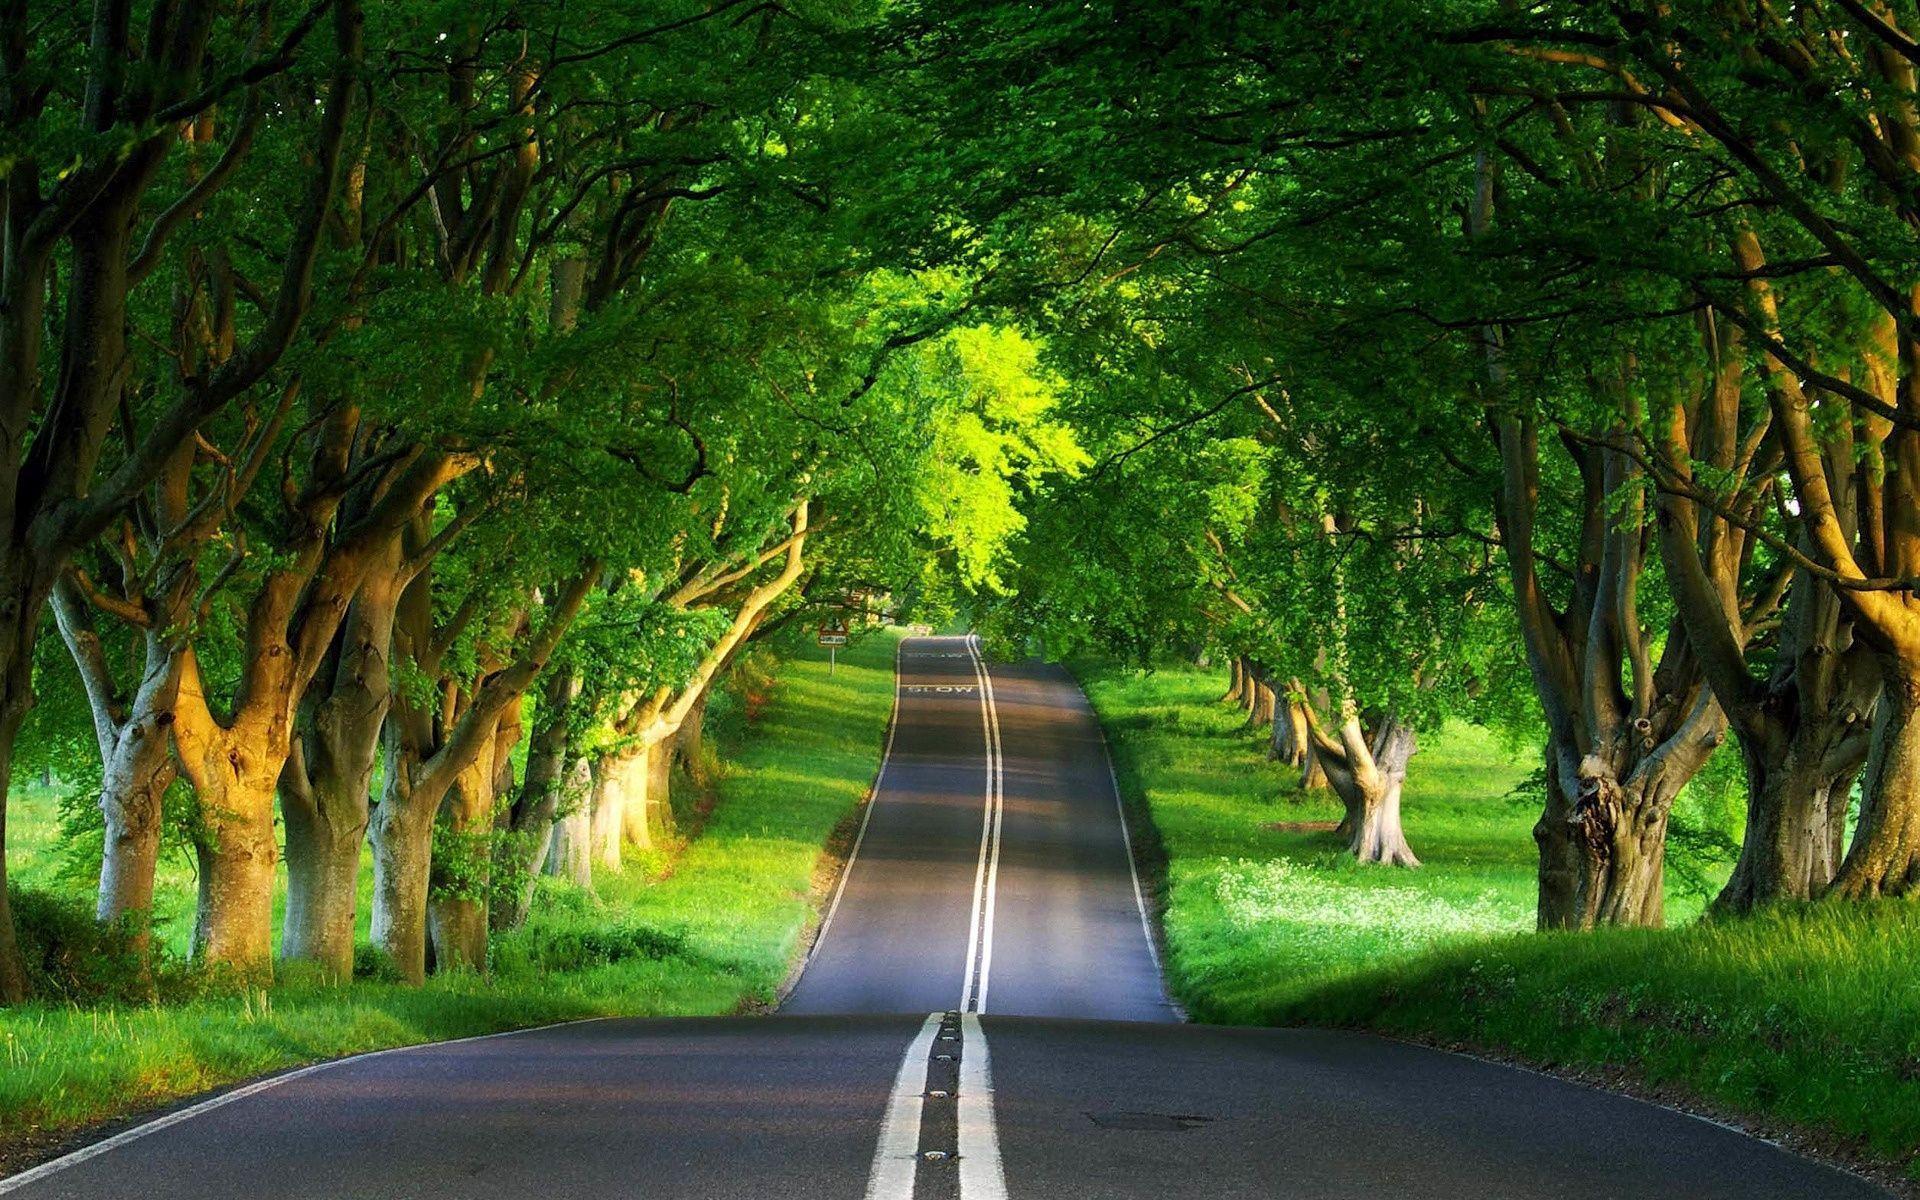 Pemandangan Wallpapers - Top Free Pemandangan Backgrounds - WallpaperAccess